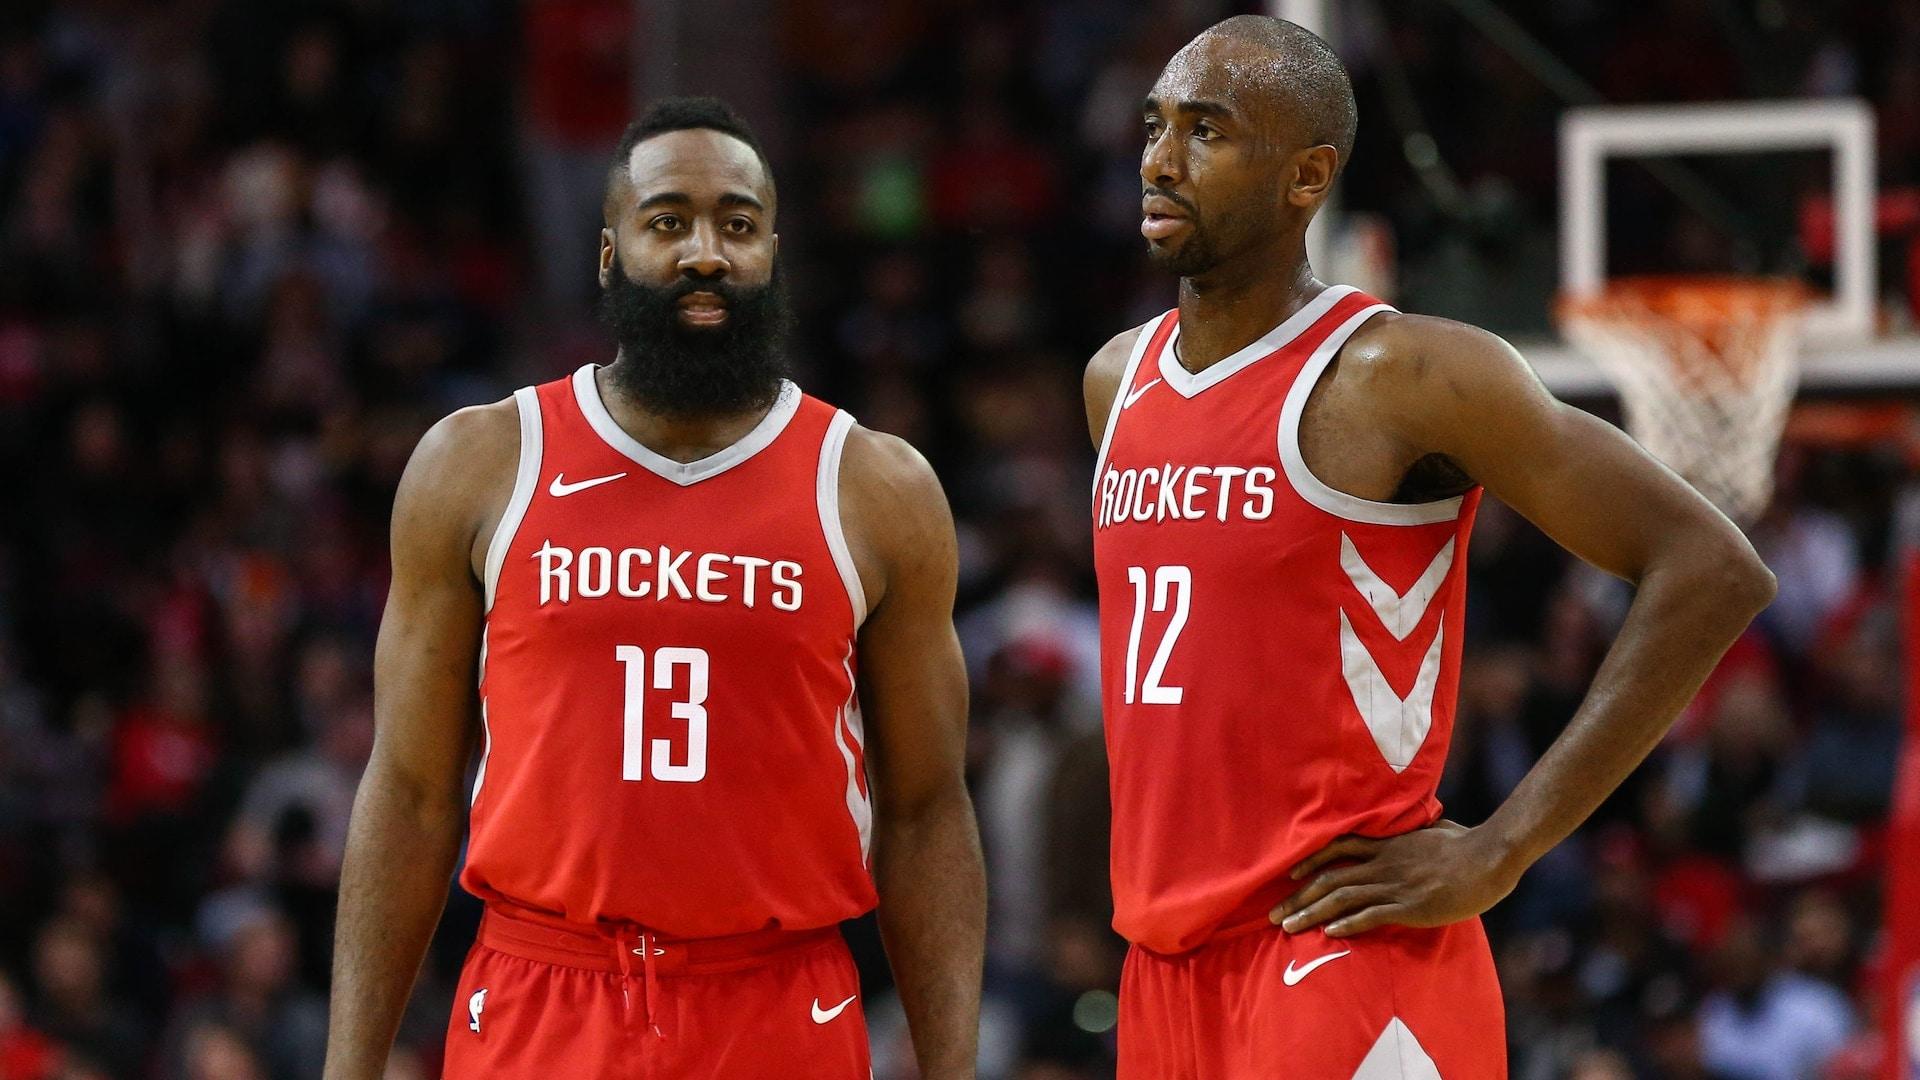 Rockets sign Luc Mbah a Moute